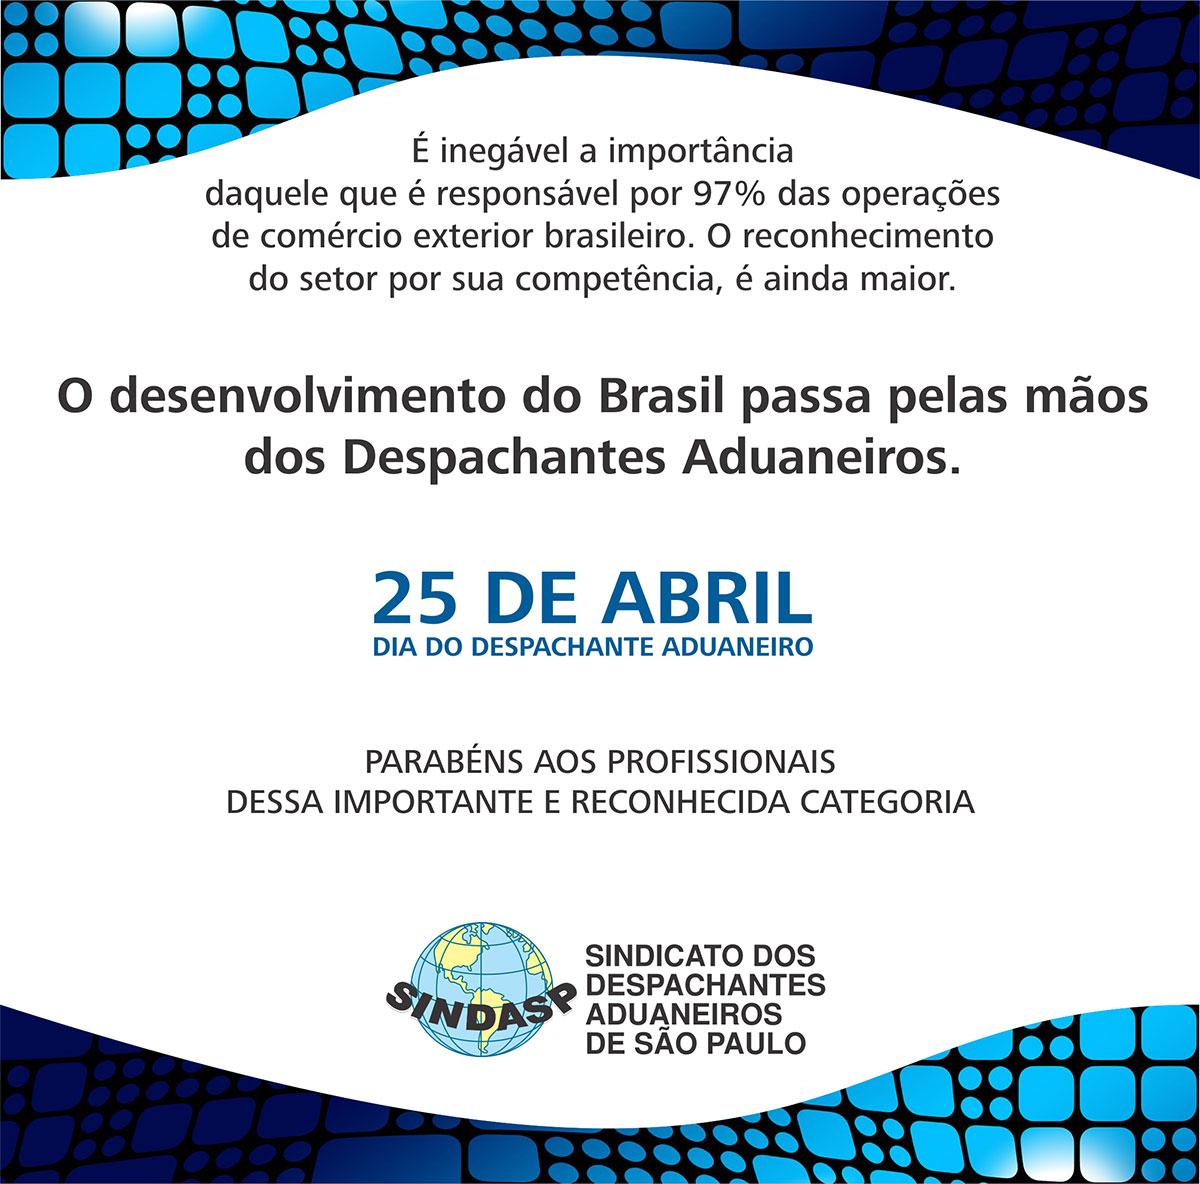 DIA-DO-DESPACHANTE-ADUANEIRO-25-web